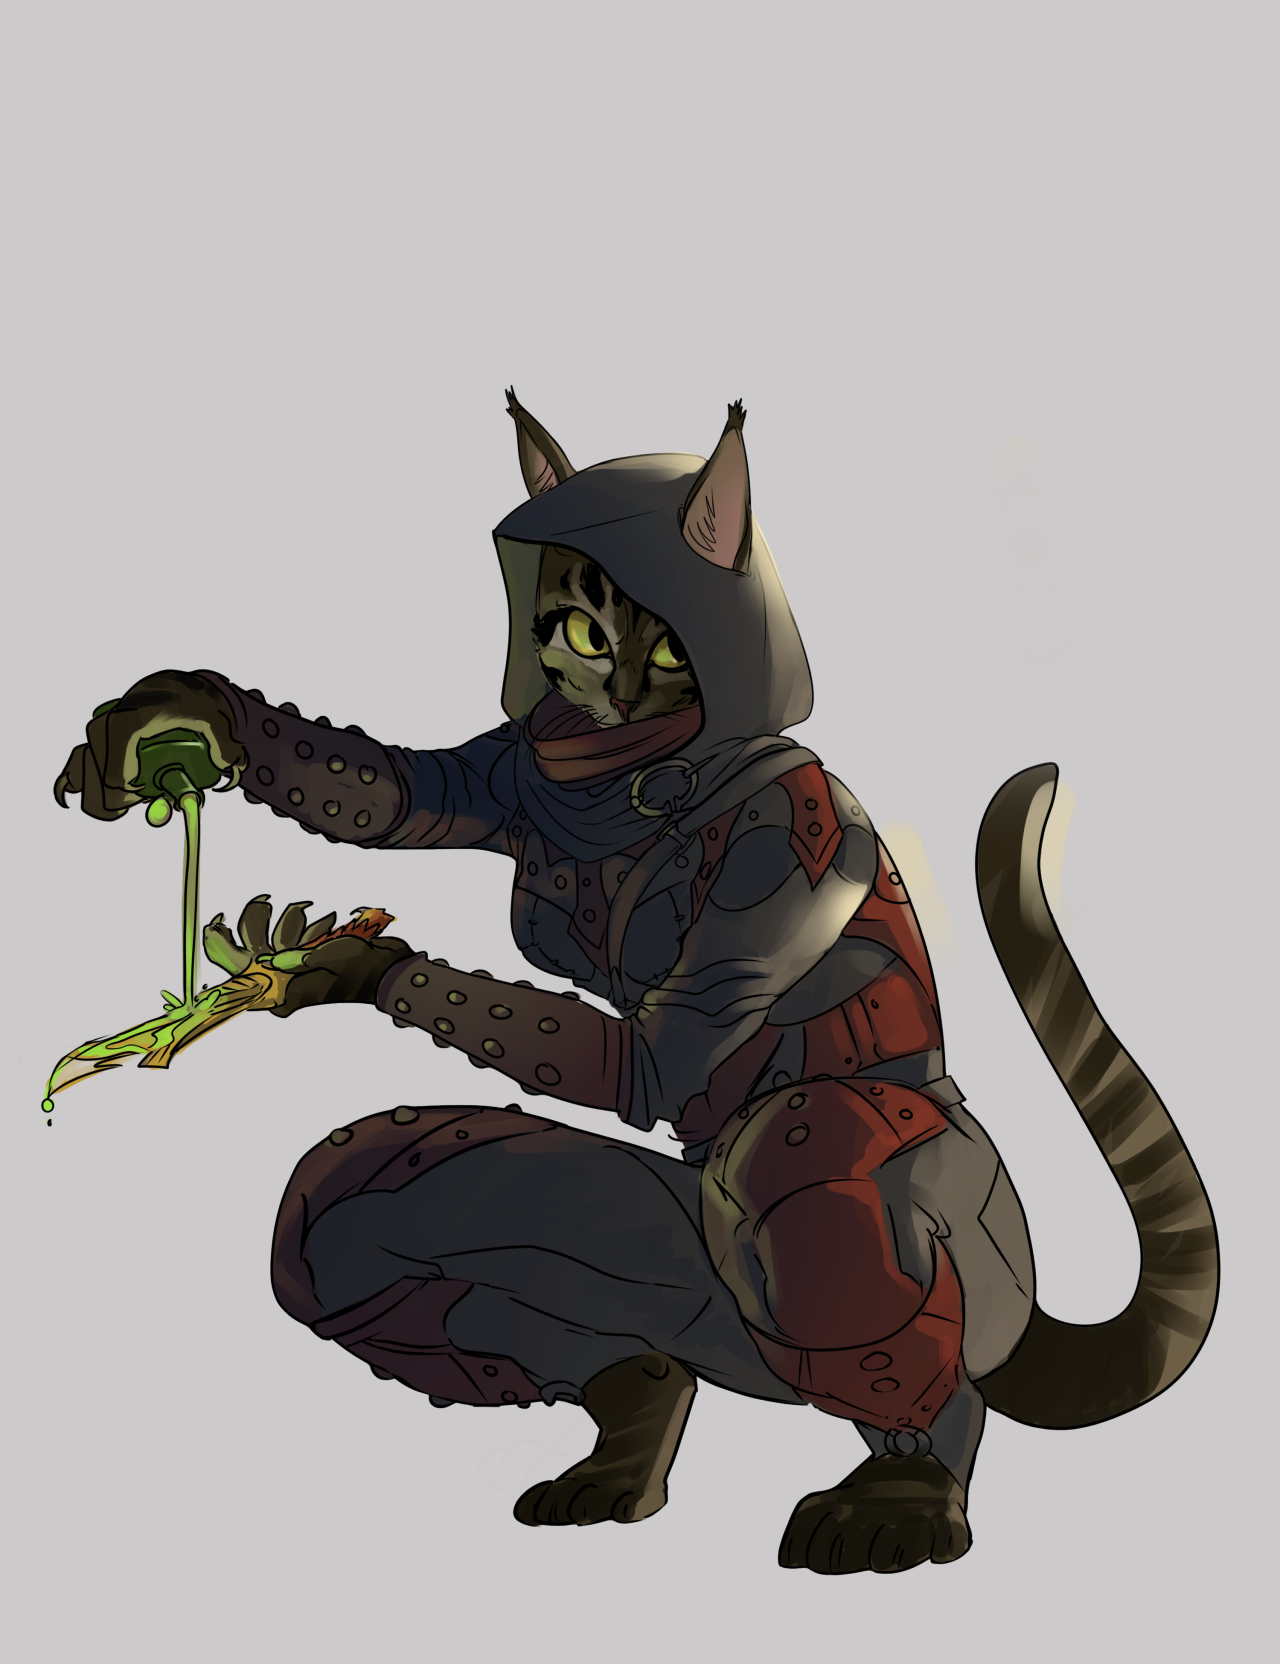 skyrim | Tumblr Khajit Assassin with Poisoned Dagger | Geek